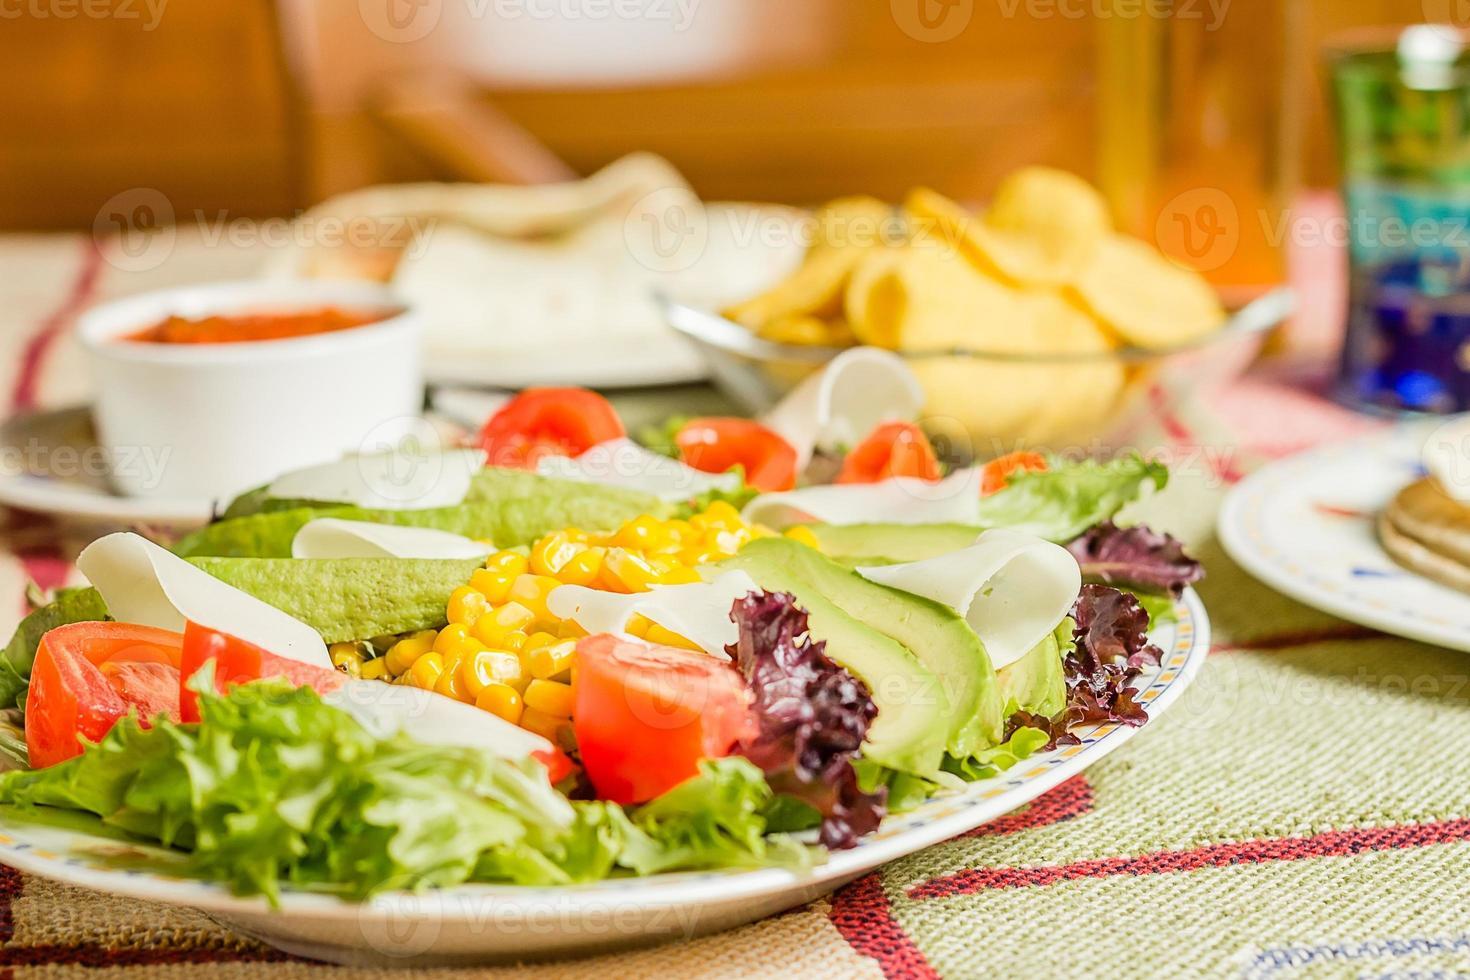 traditionele Mexicaanse gerechten met nacho's en salade foto